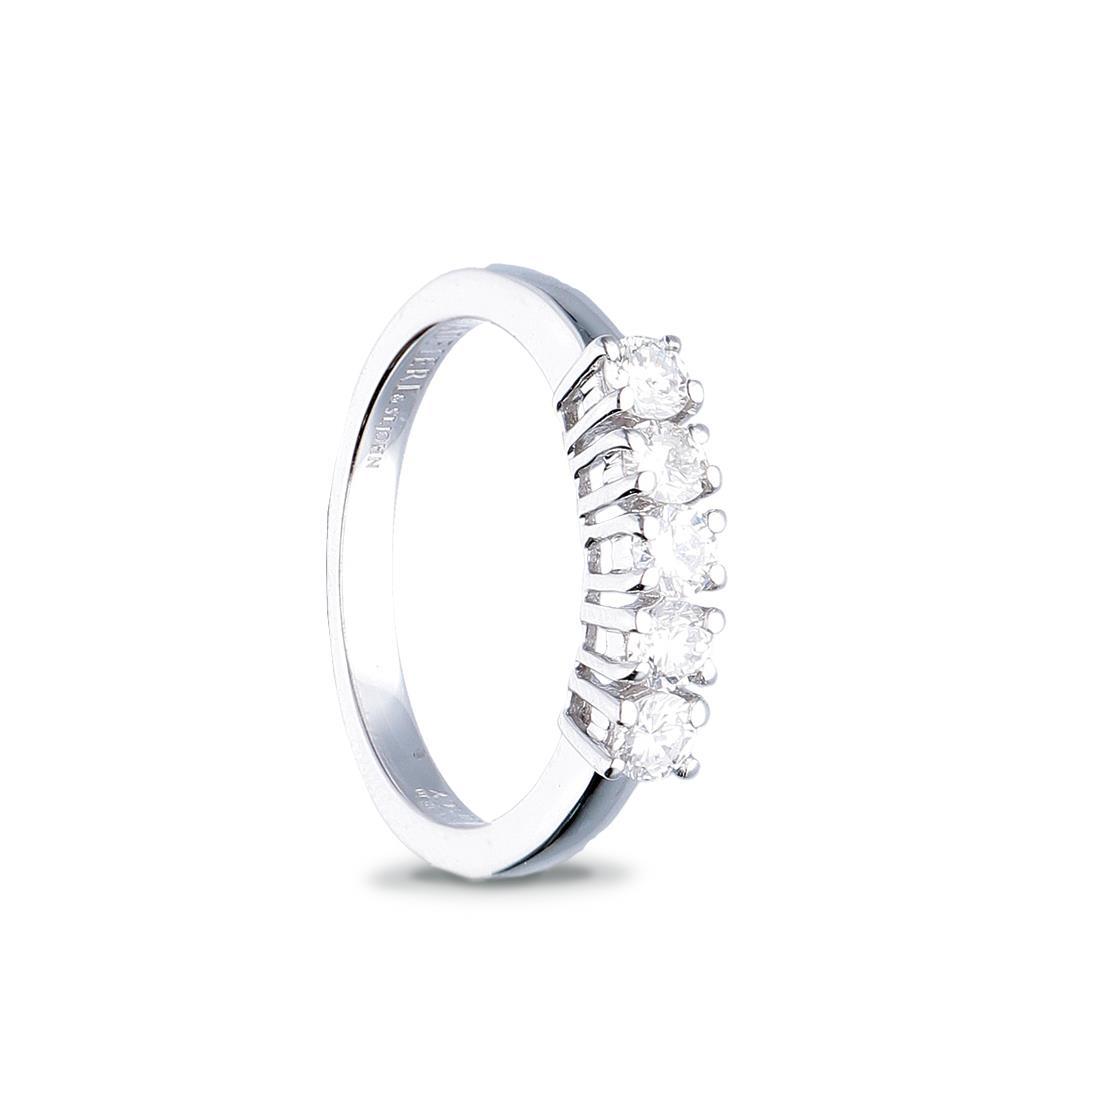 Anello veretta 5 pietre, con diamanti ct. 0,75 - ALFIERI & ST. JOHN